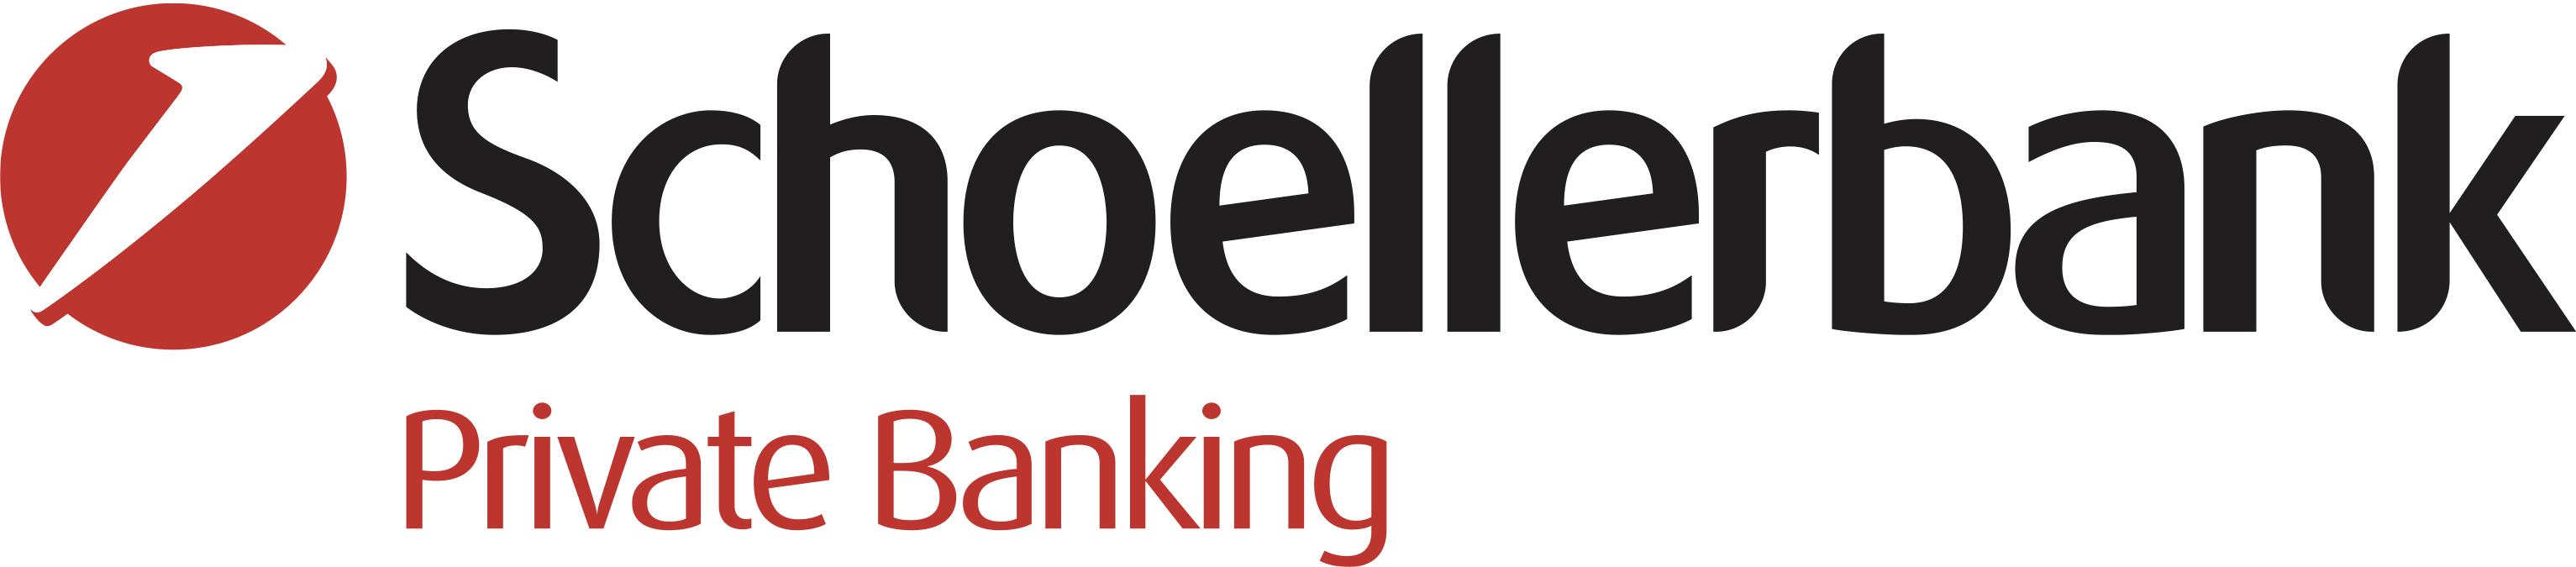 Logo Schoellerbank